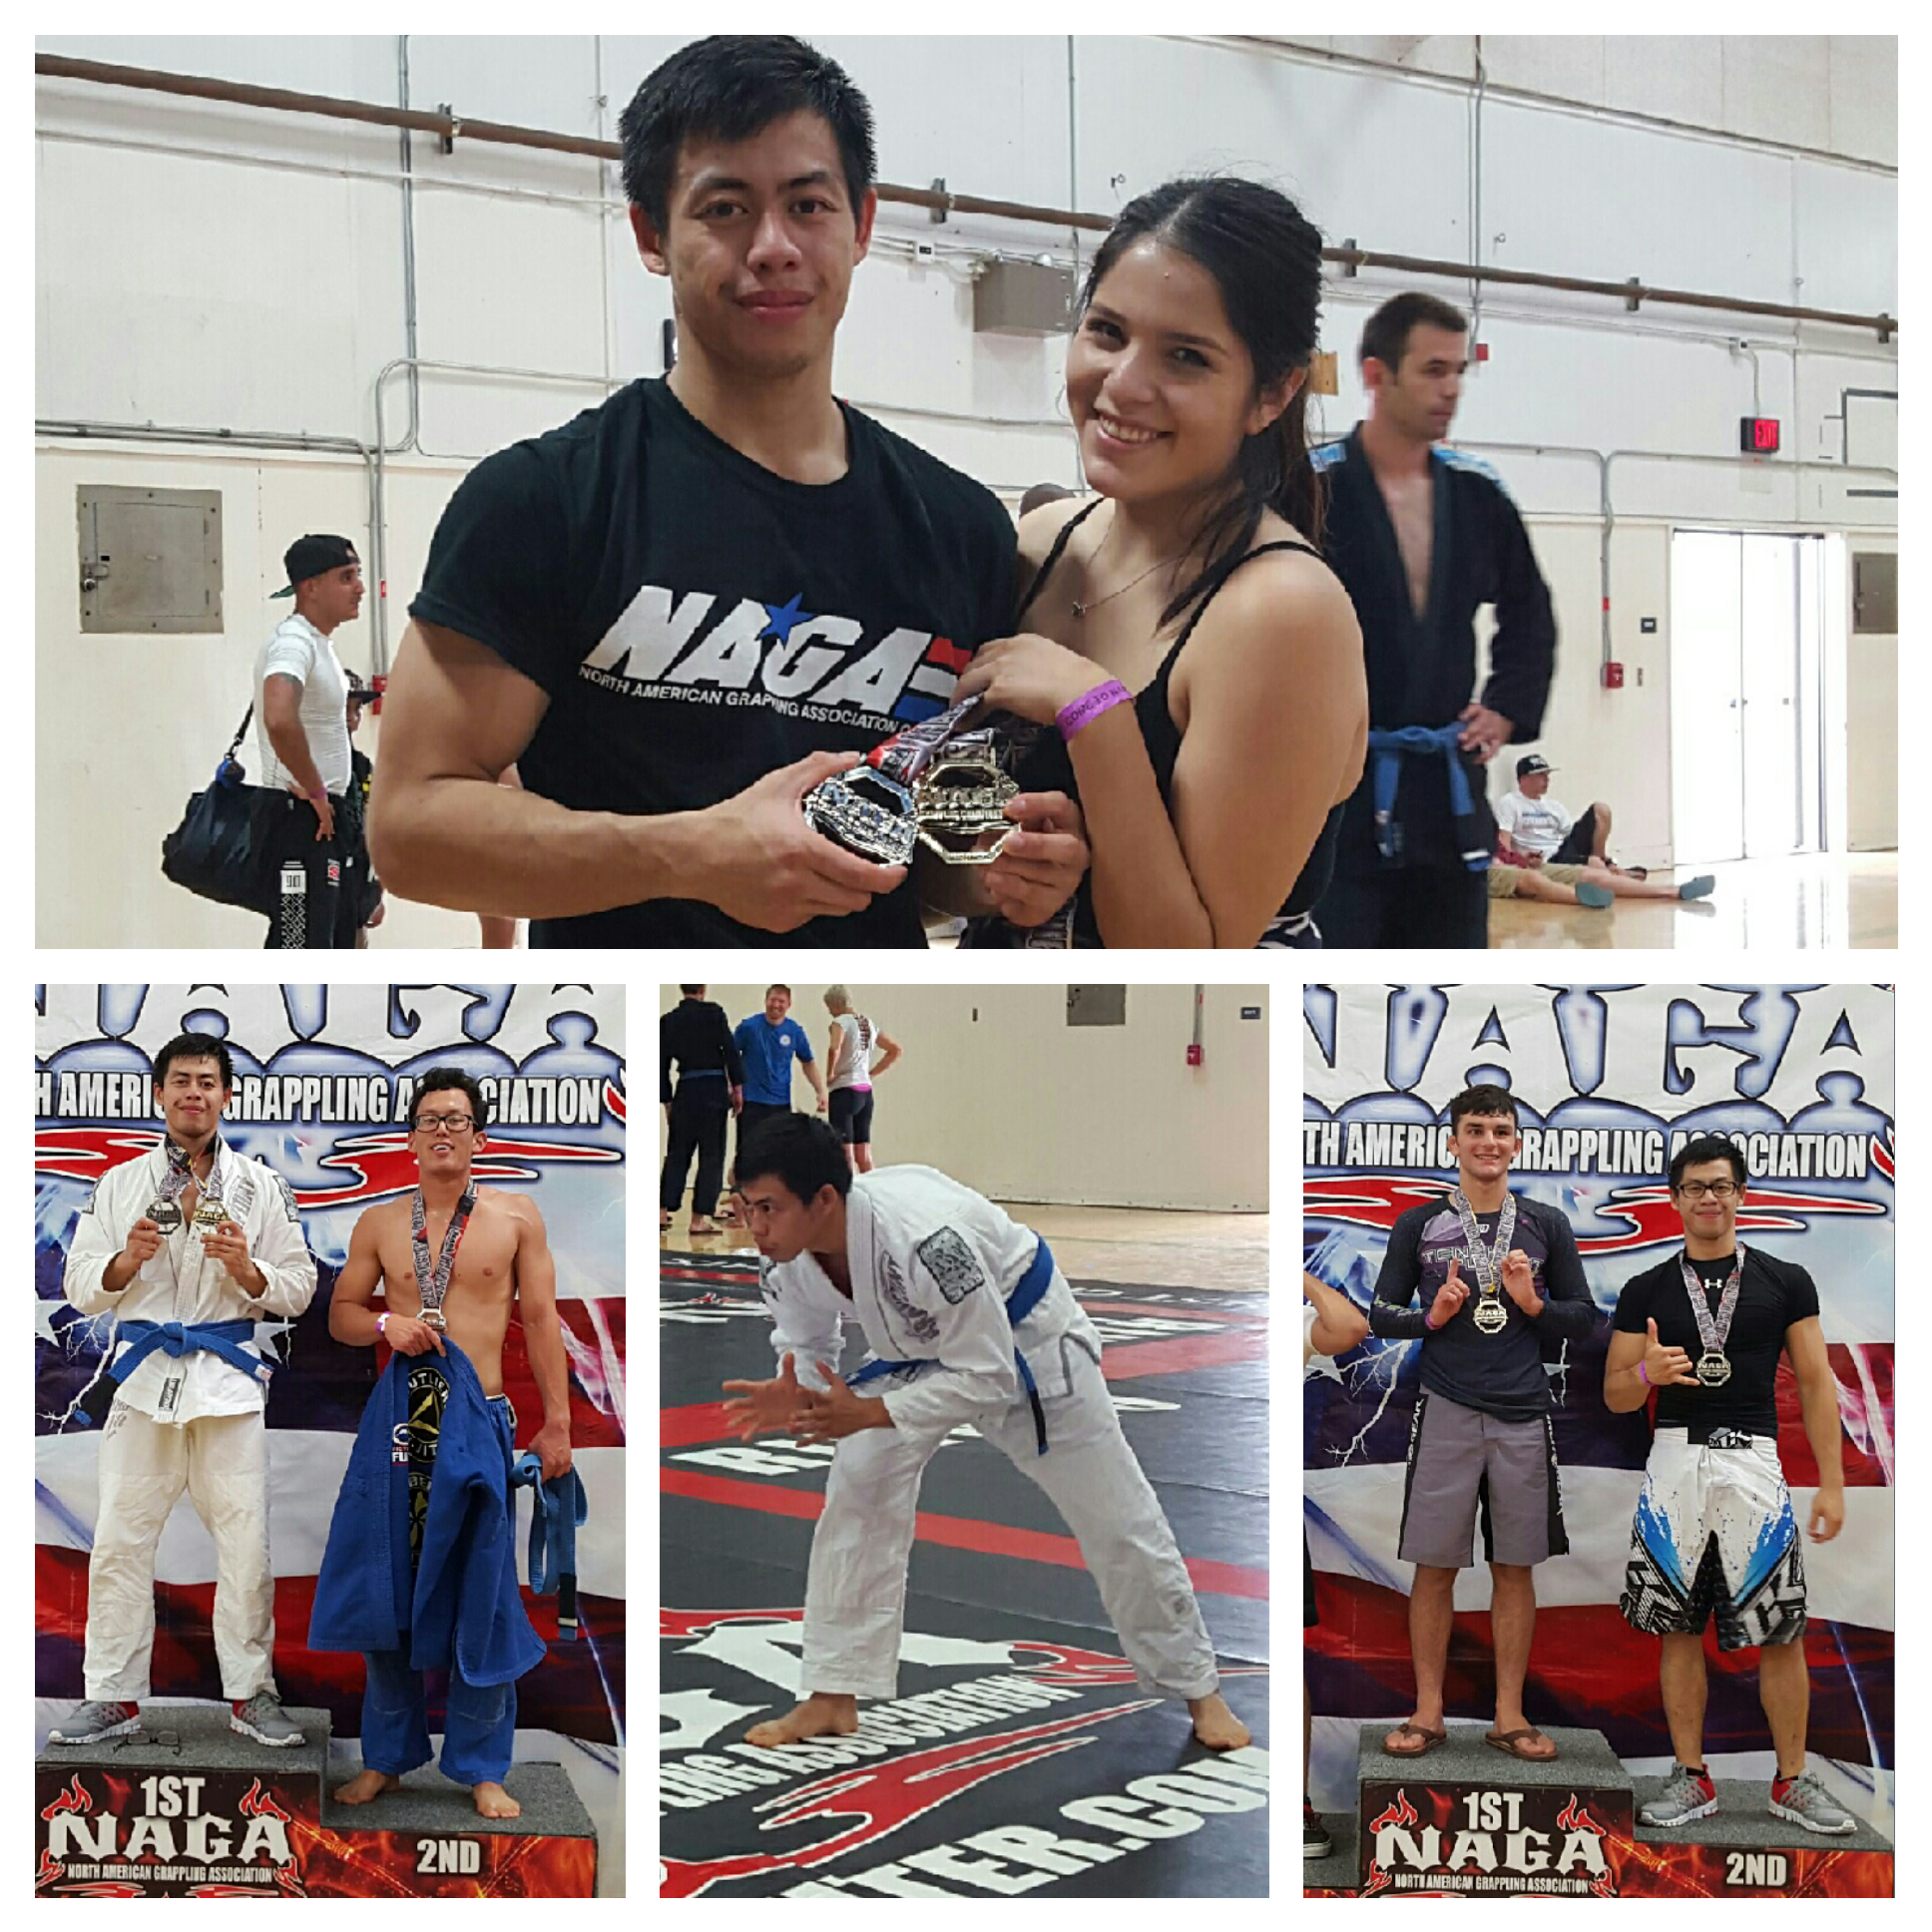 NAGA — News — Roger Machado Jiu-Jitsu Pasadena